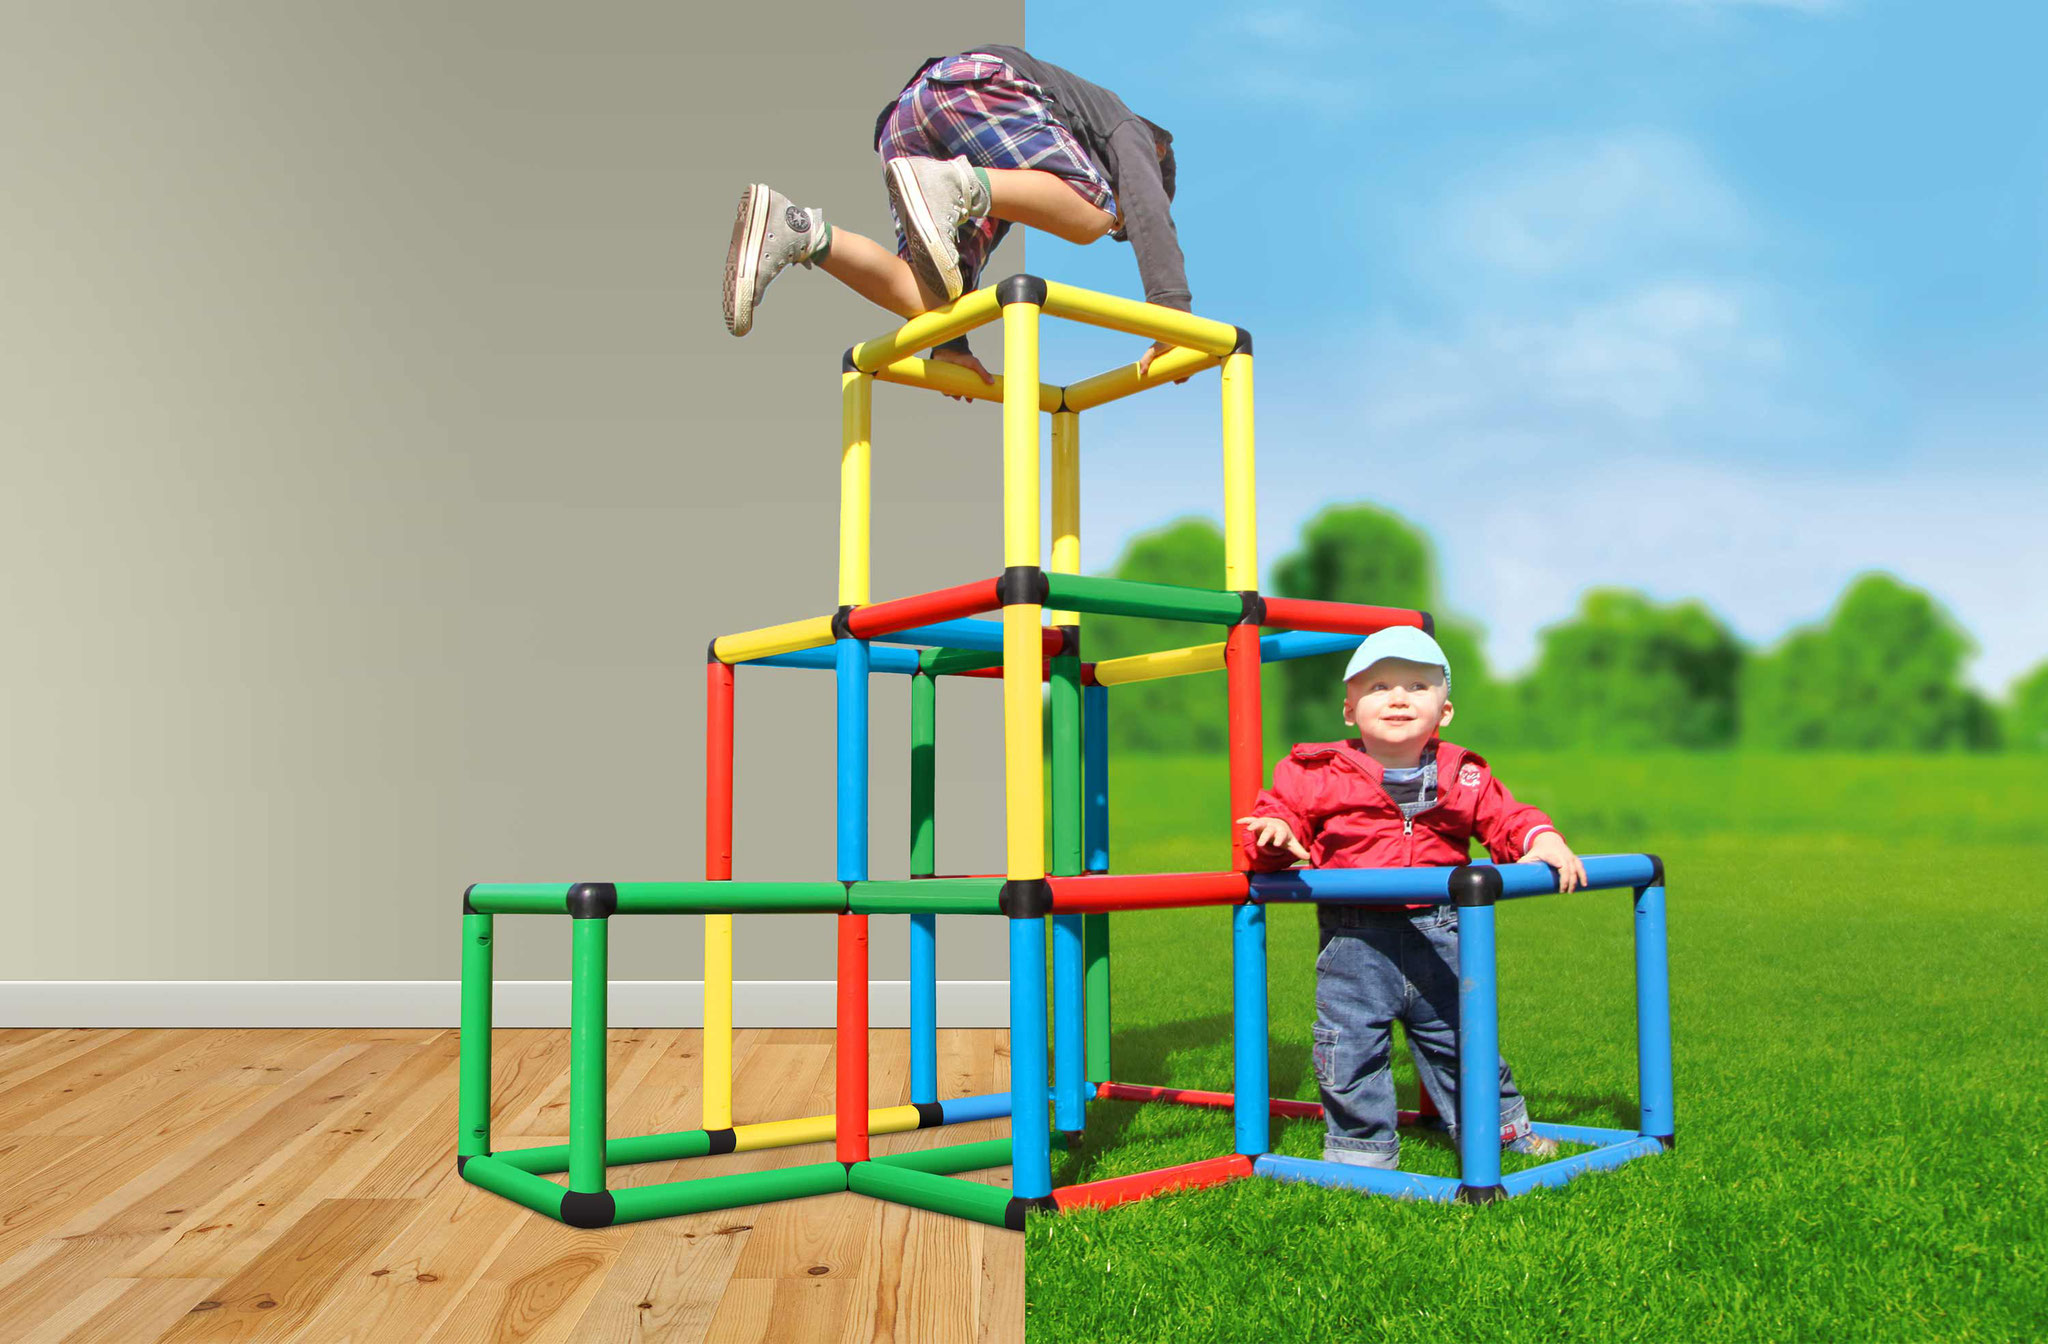 Quadro Klettergerüst Xxl : Kletterpyramide quadro der grossbaukasten